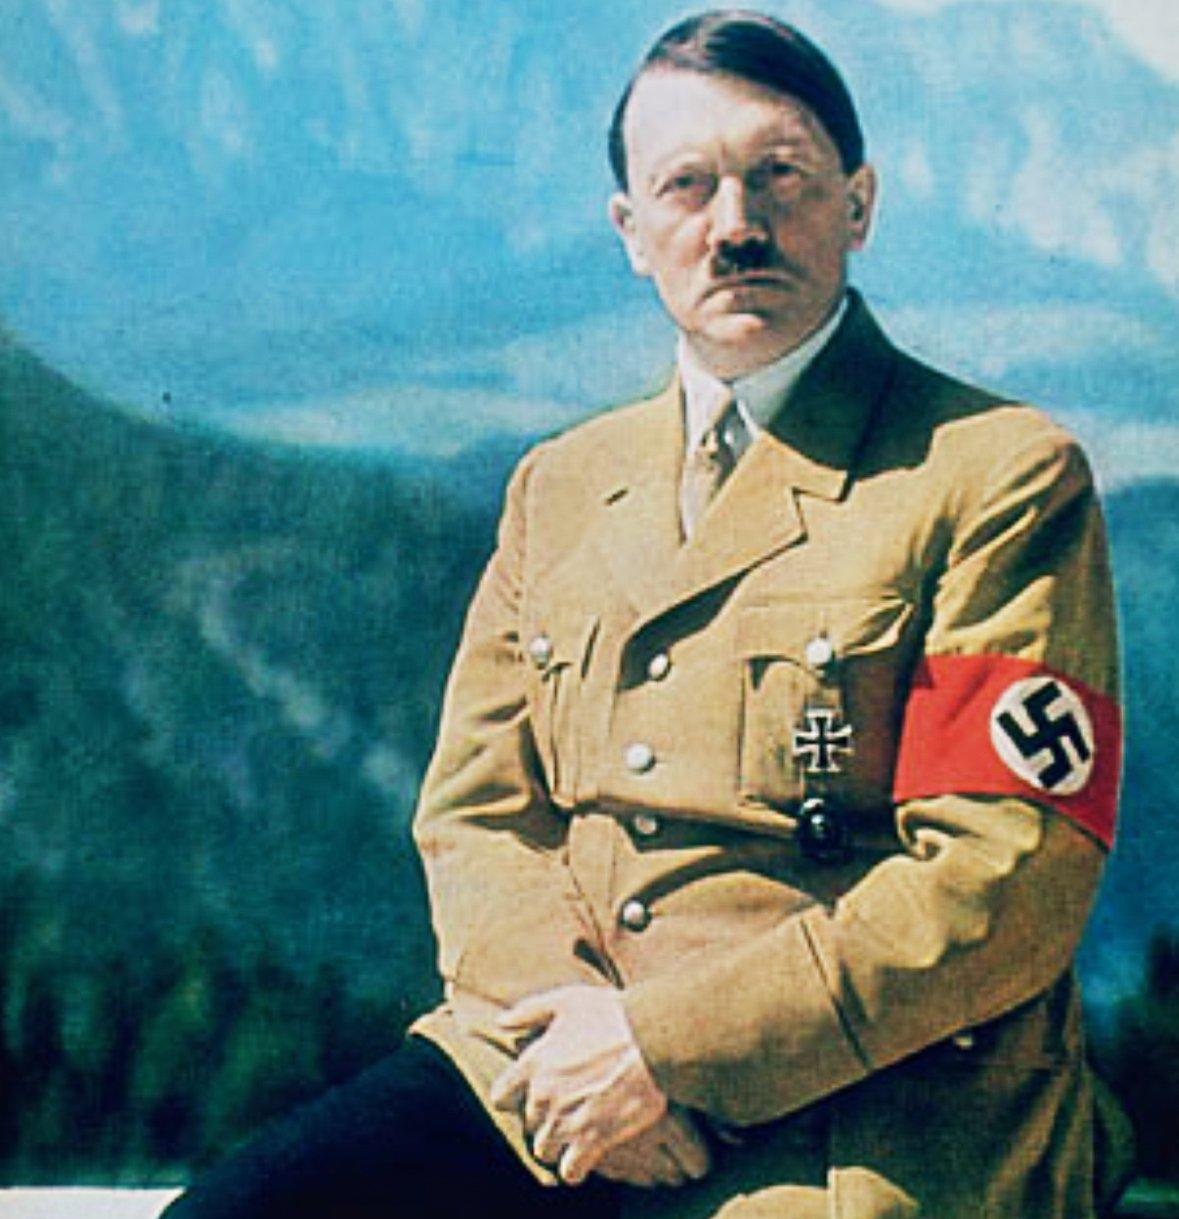 Lịch sử thế giới thay đổi vì Hitler dùng chất kích thích - 7